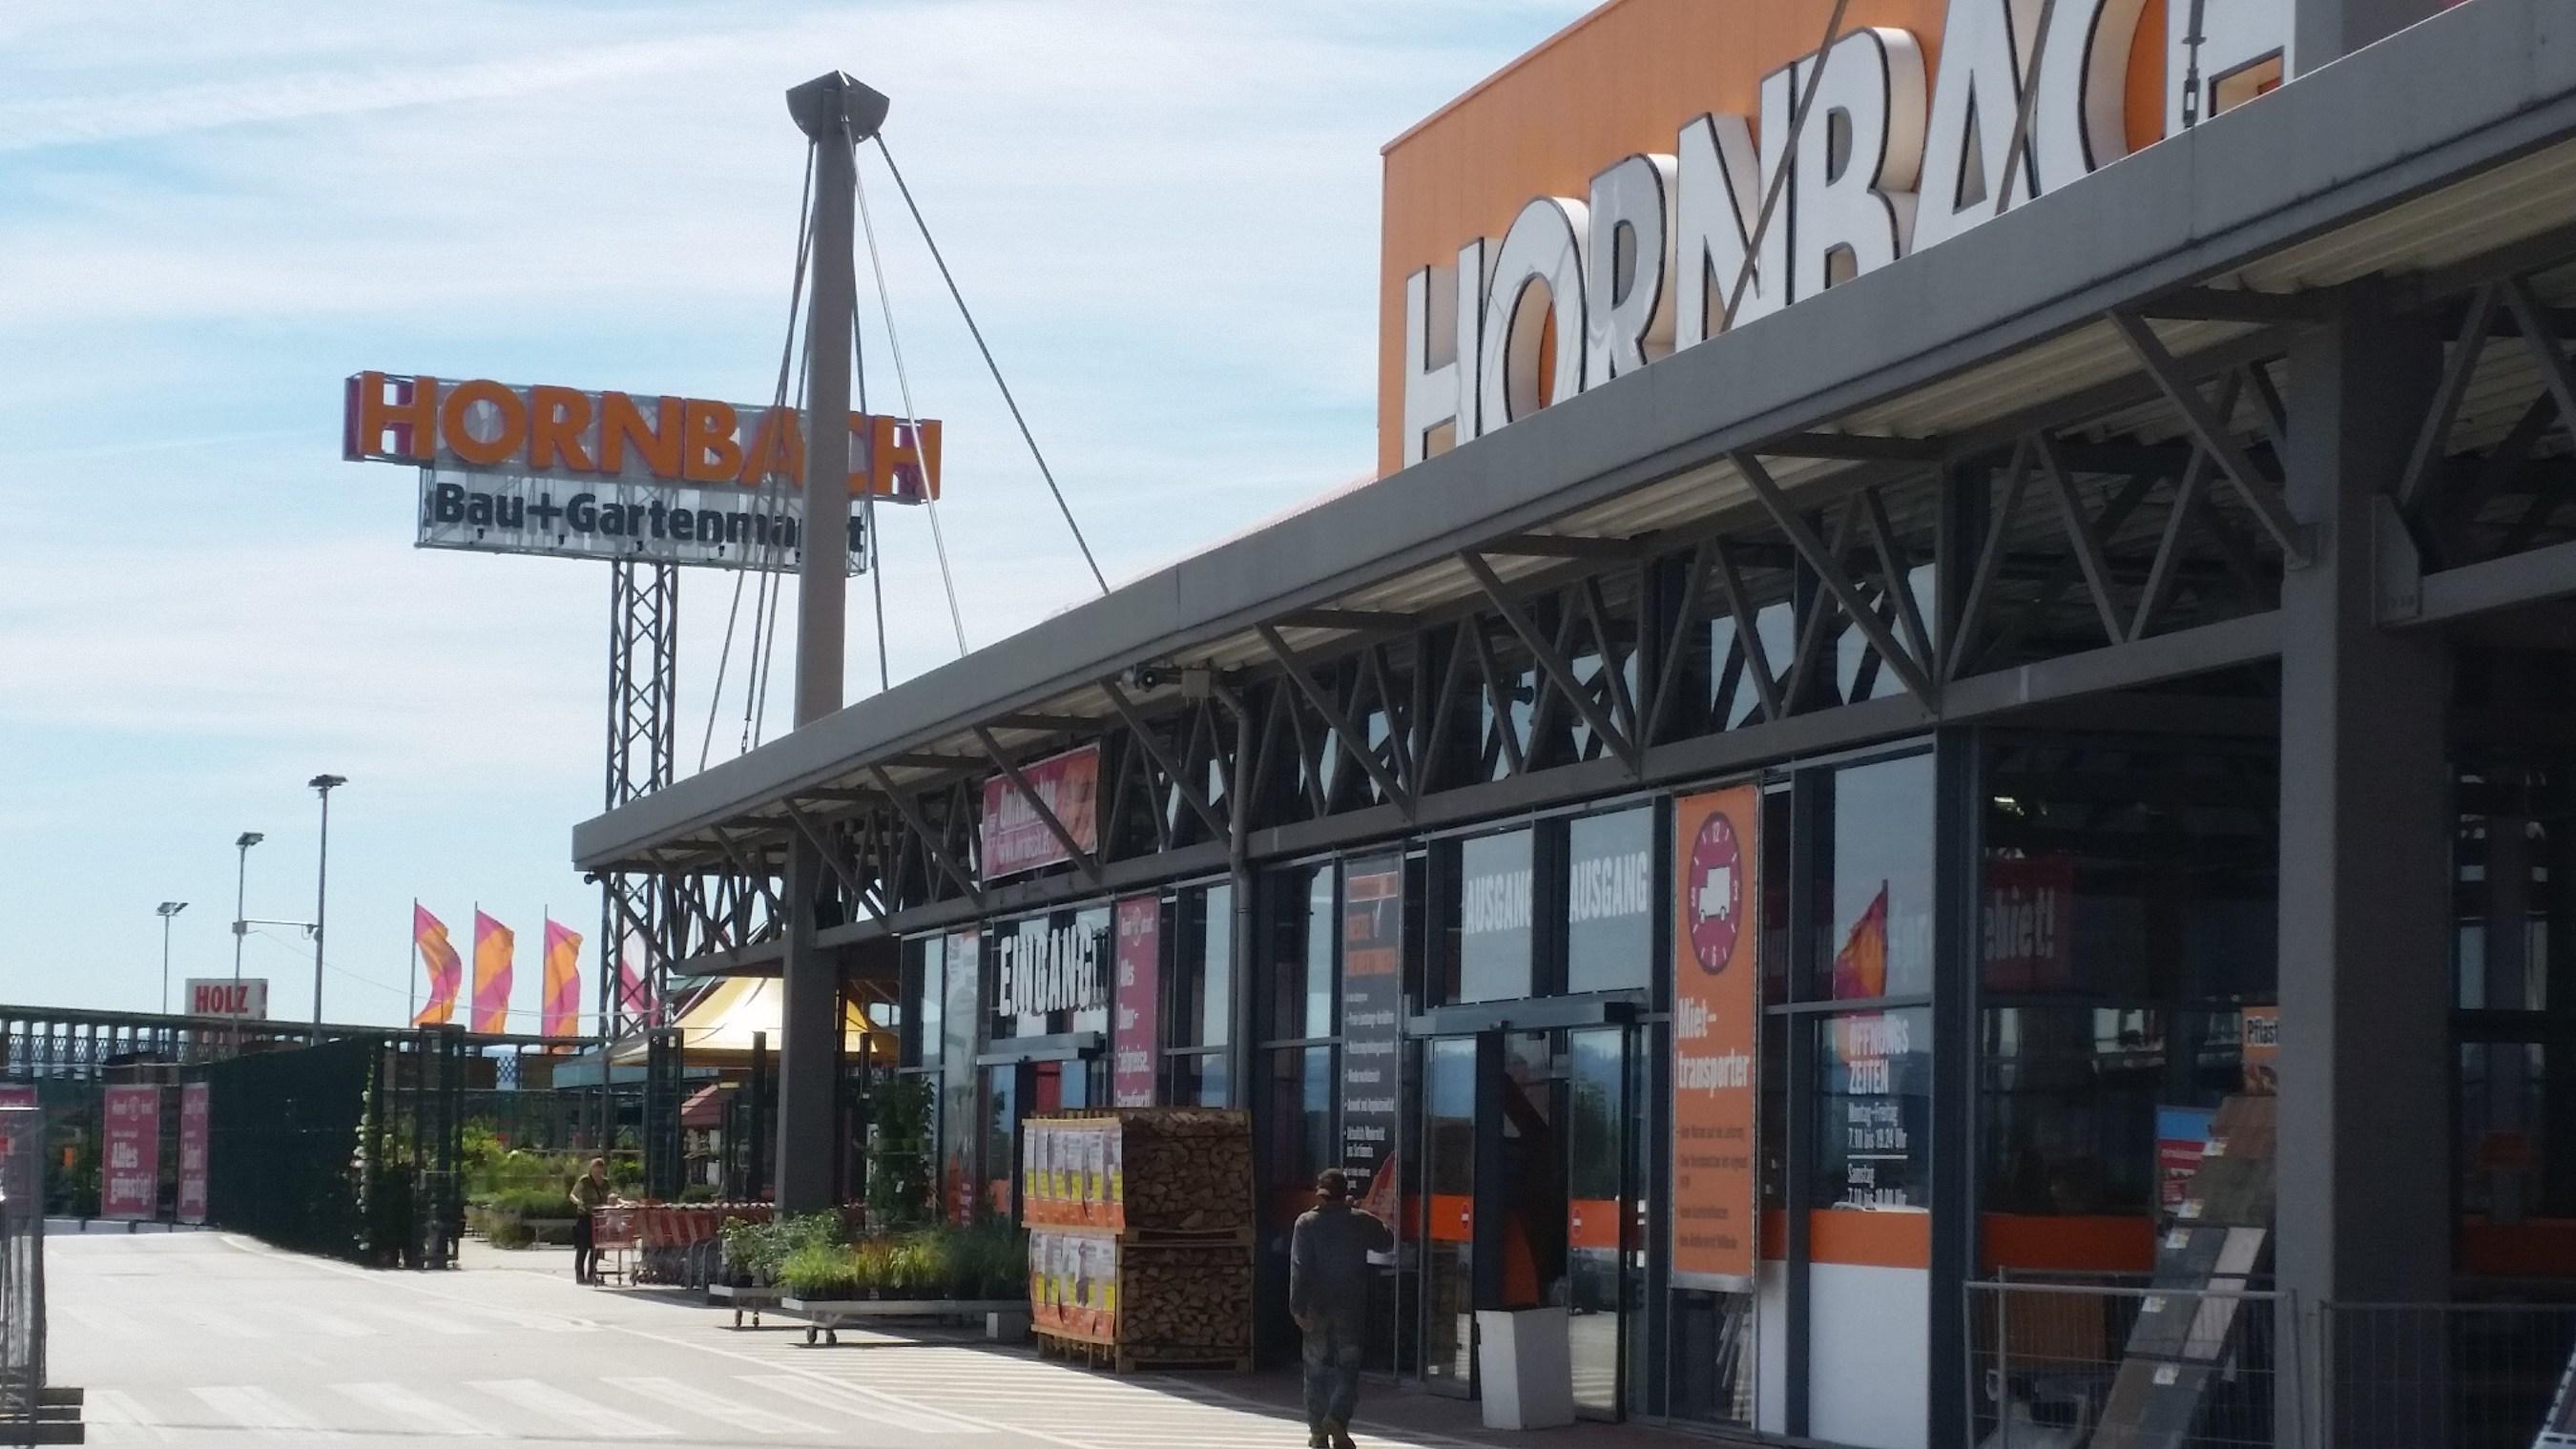 W. P. Carey Inc. erwirbt für EUR 23,4 Millionen einen langfristig an Hornbach vermieteten Bau- und